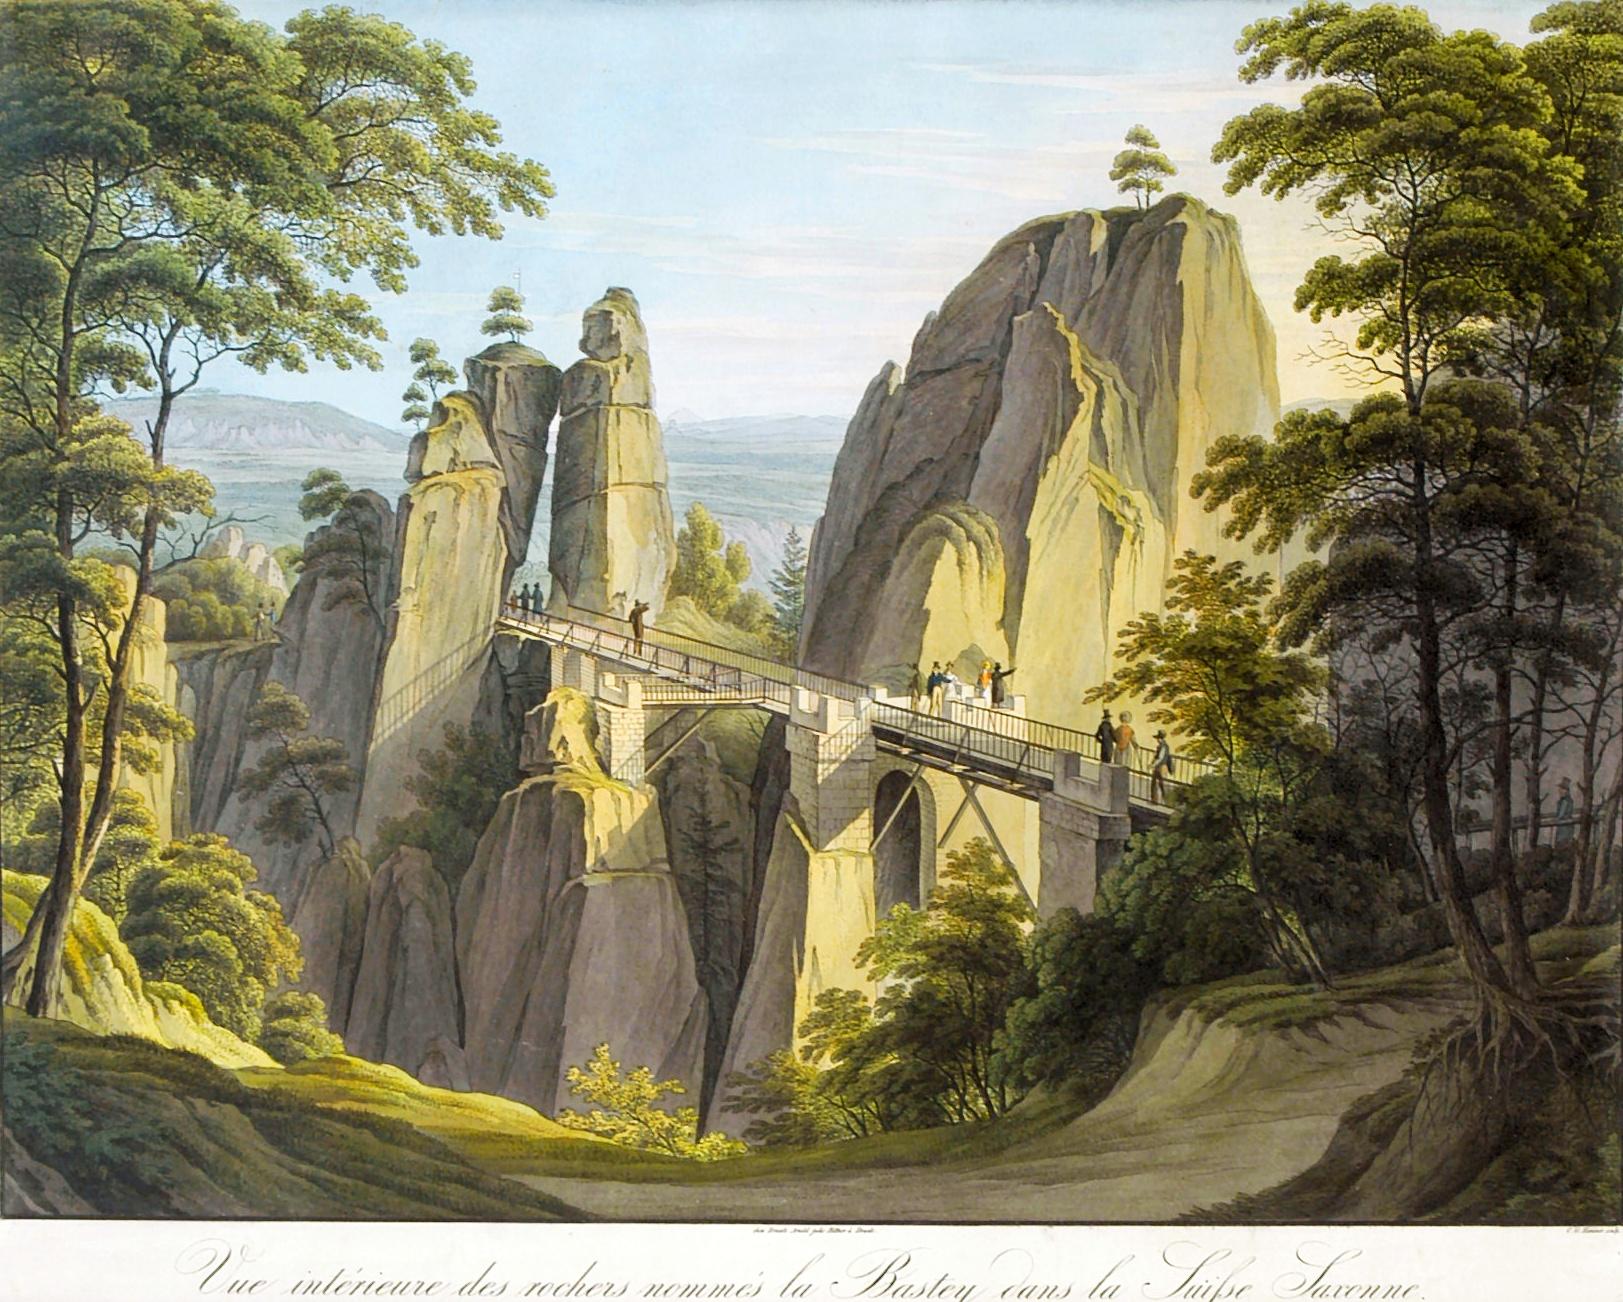 The Wooden Bastei Bridge in 1826